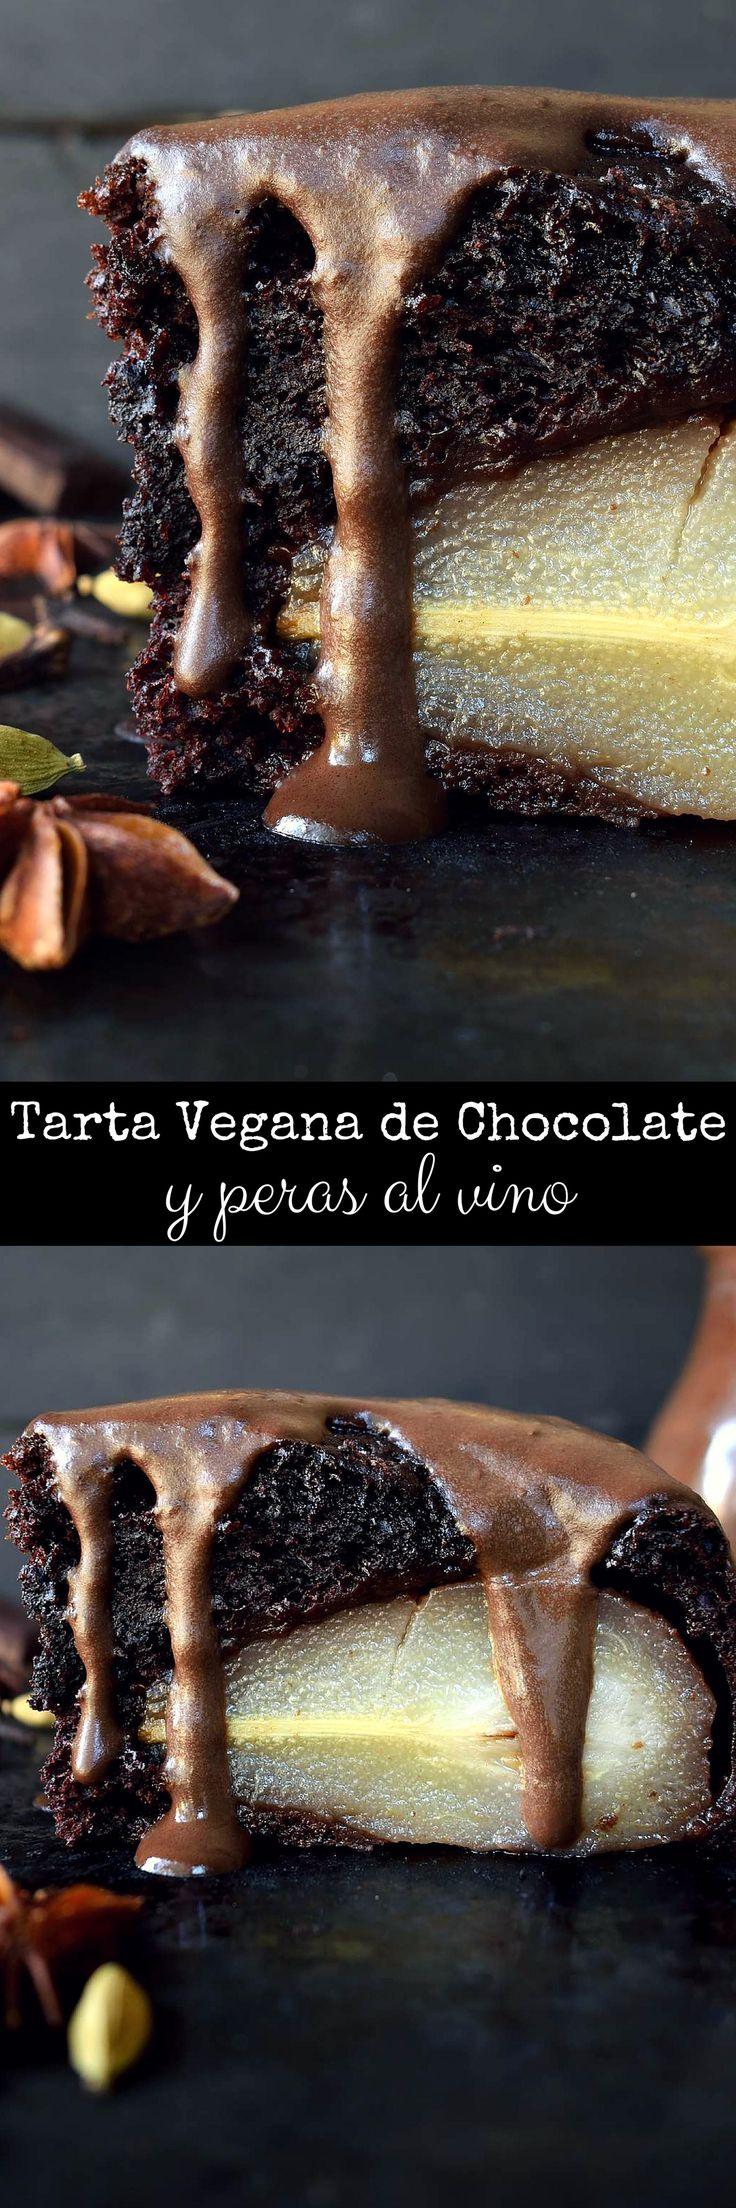 Tarta vegana de chocolate y peras al vino es fácil hacer pero impresionante. Una tarta de chocolate con sabores de naranja y especias y peras cocidas en vino tinto y una salsa de chocolate.